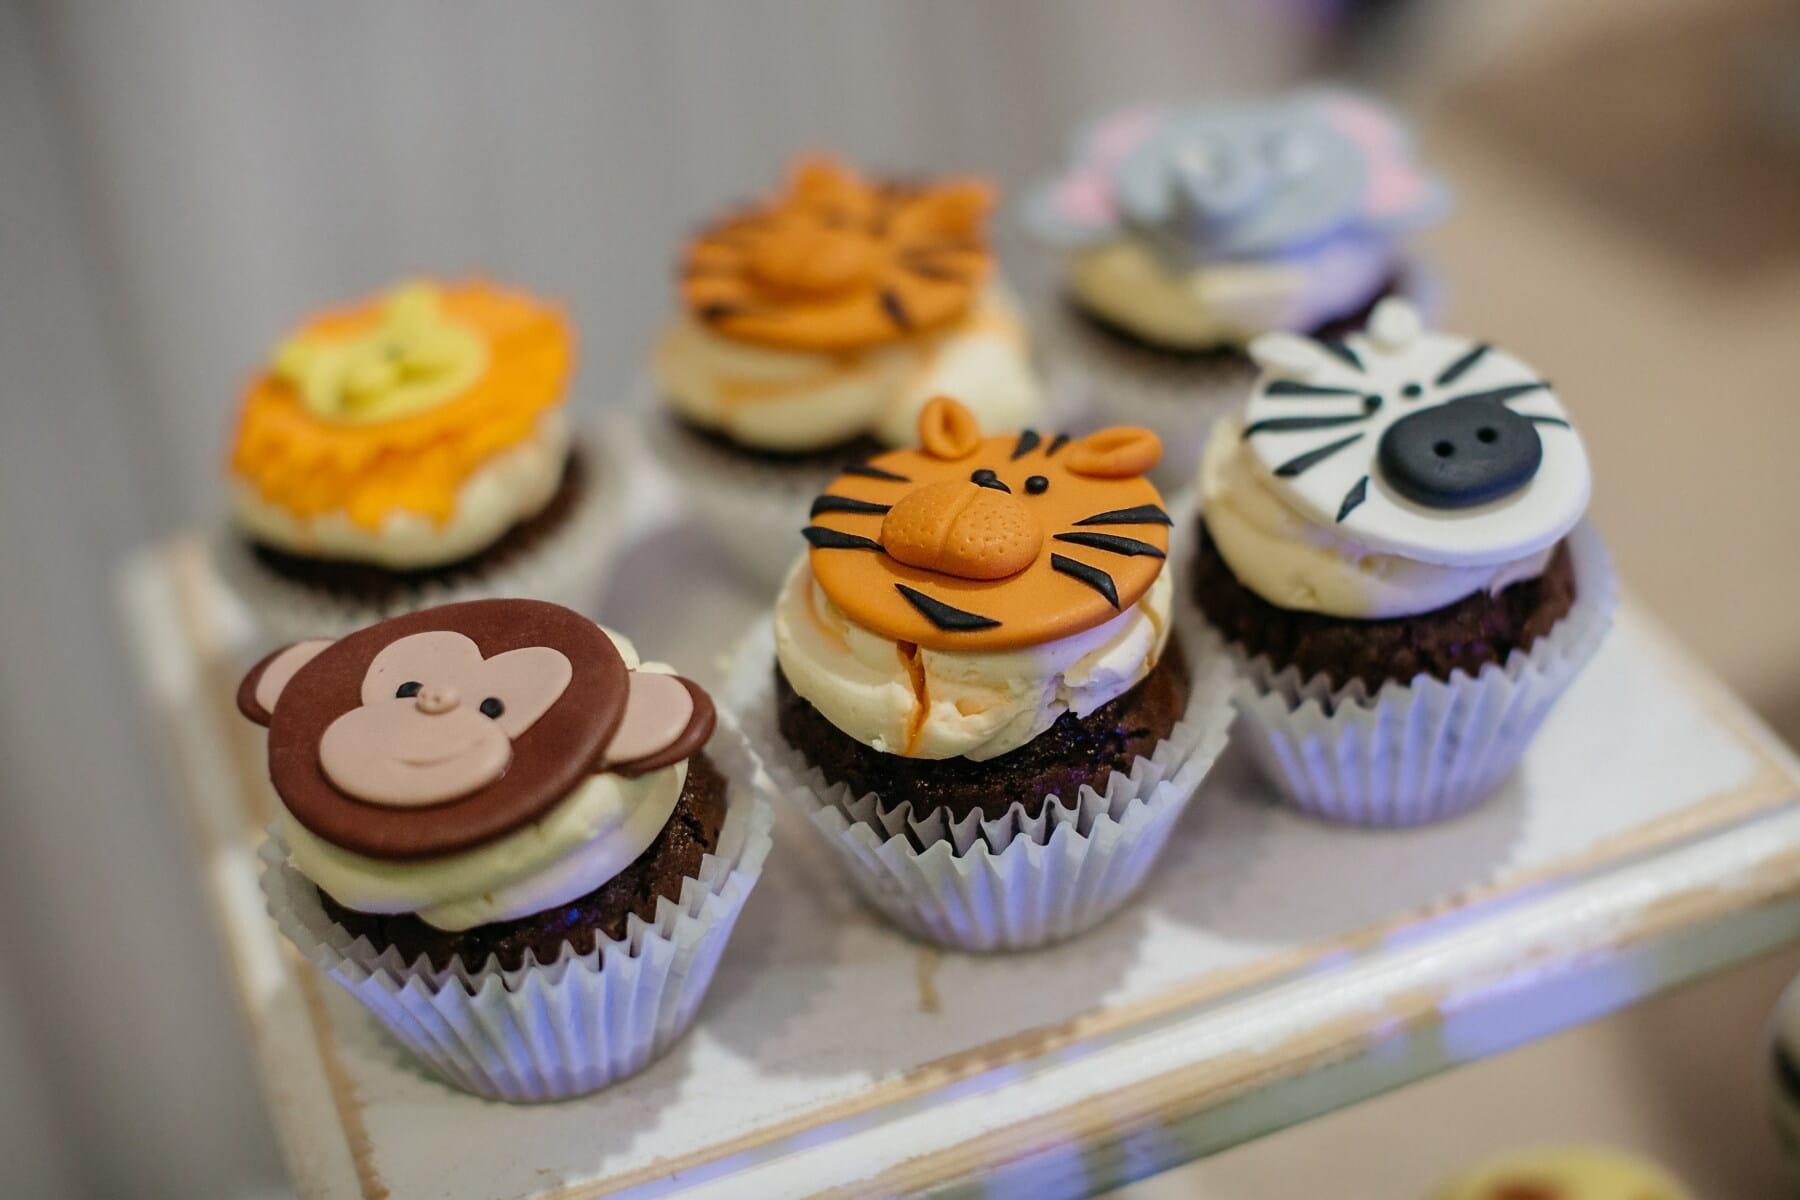 κεκάκι, διακόσμηση, ζώα, ζαχαροπλαστείο, μινιατούρα, σοκολάτα, κέικ, το ψήσιμο, τροφίμων, ζάχαρη